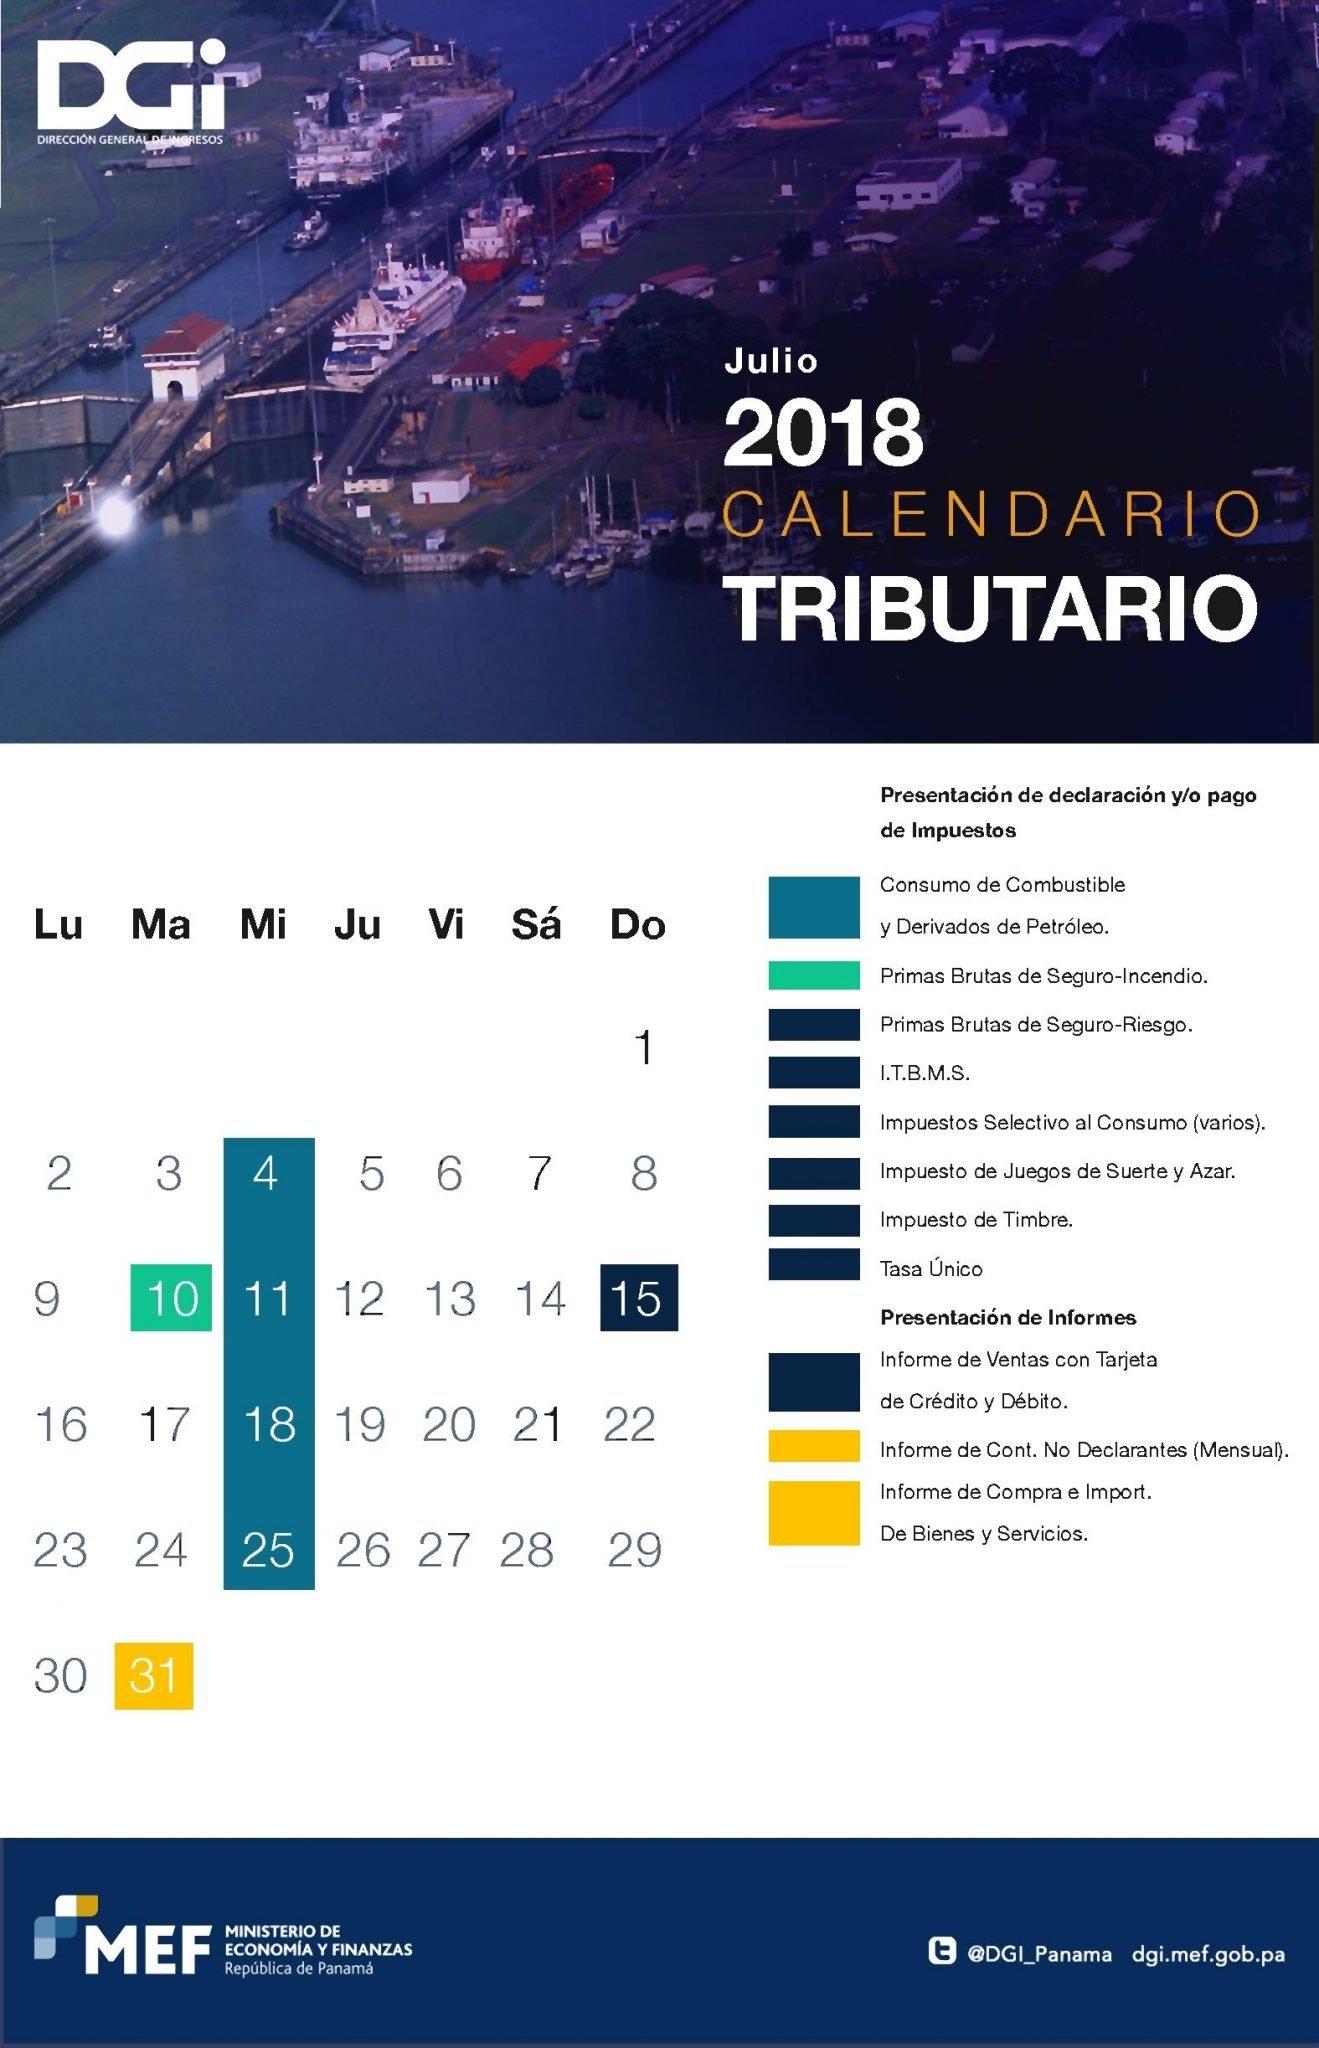 Impuestos que vencen en julio 2018 en Panama